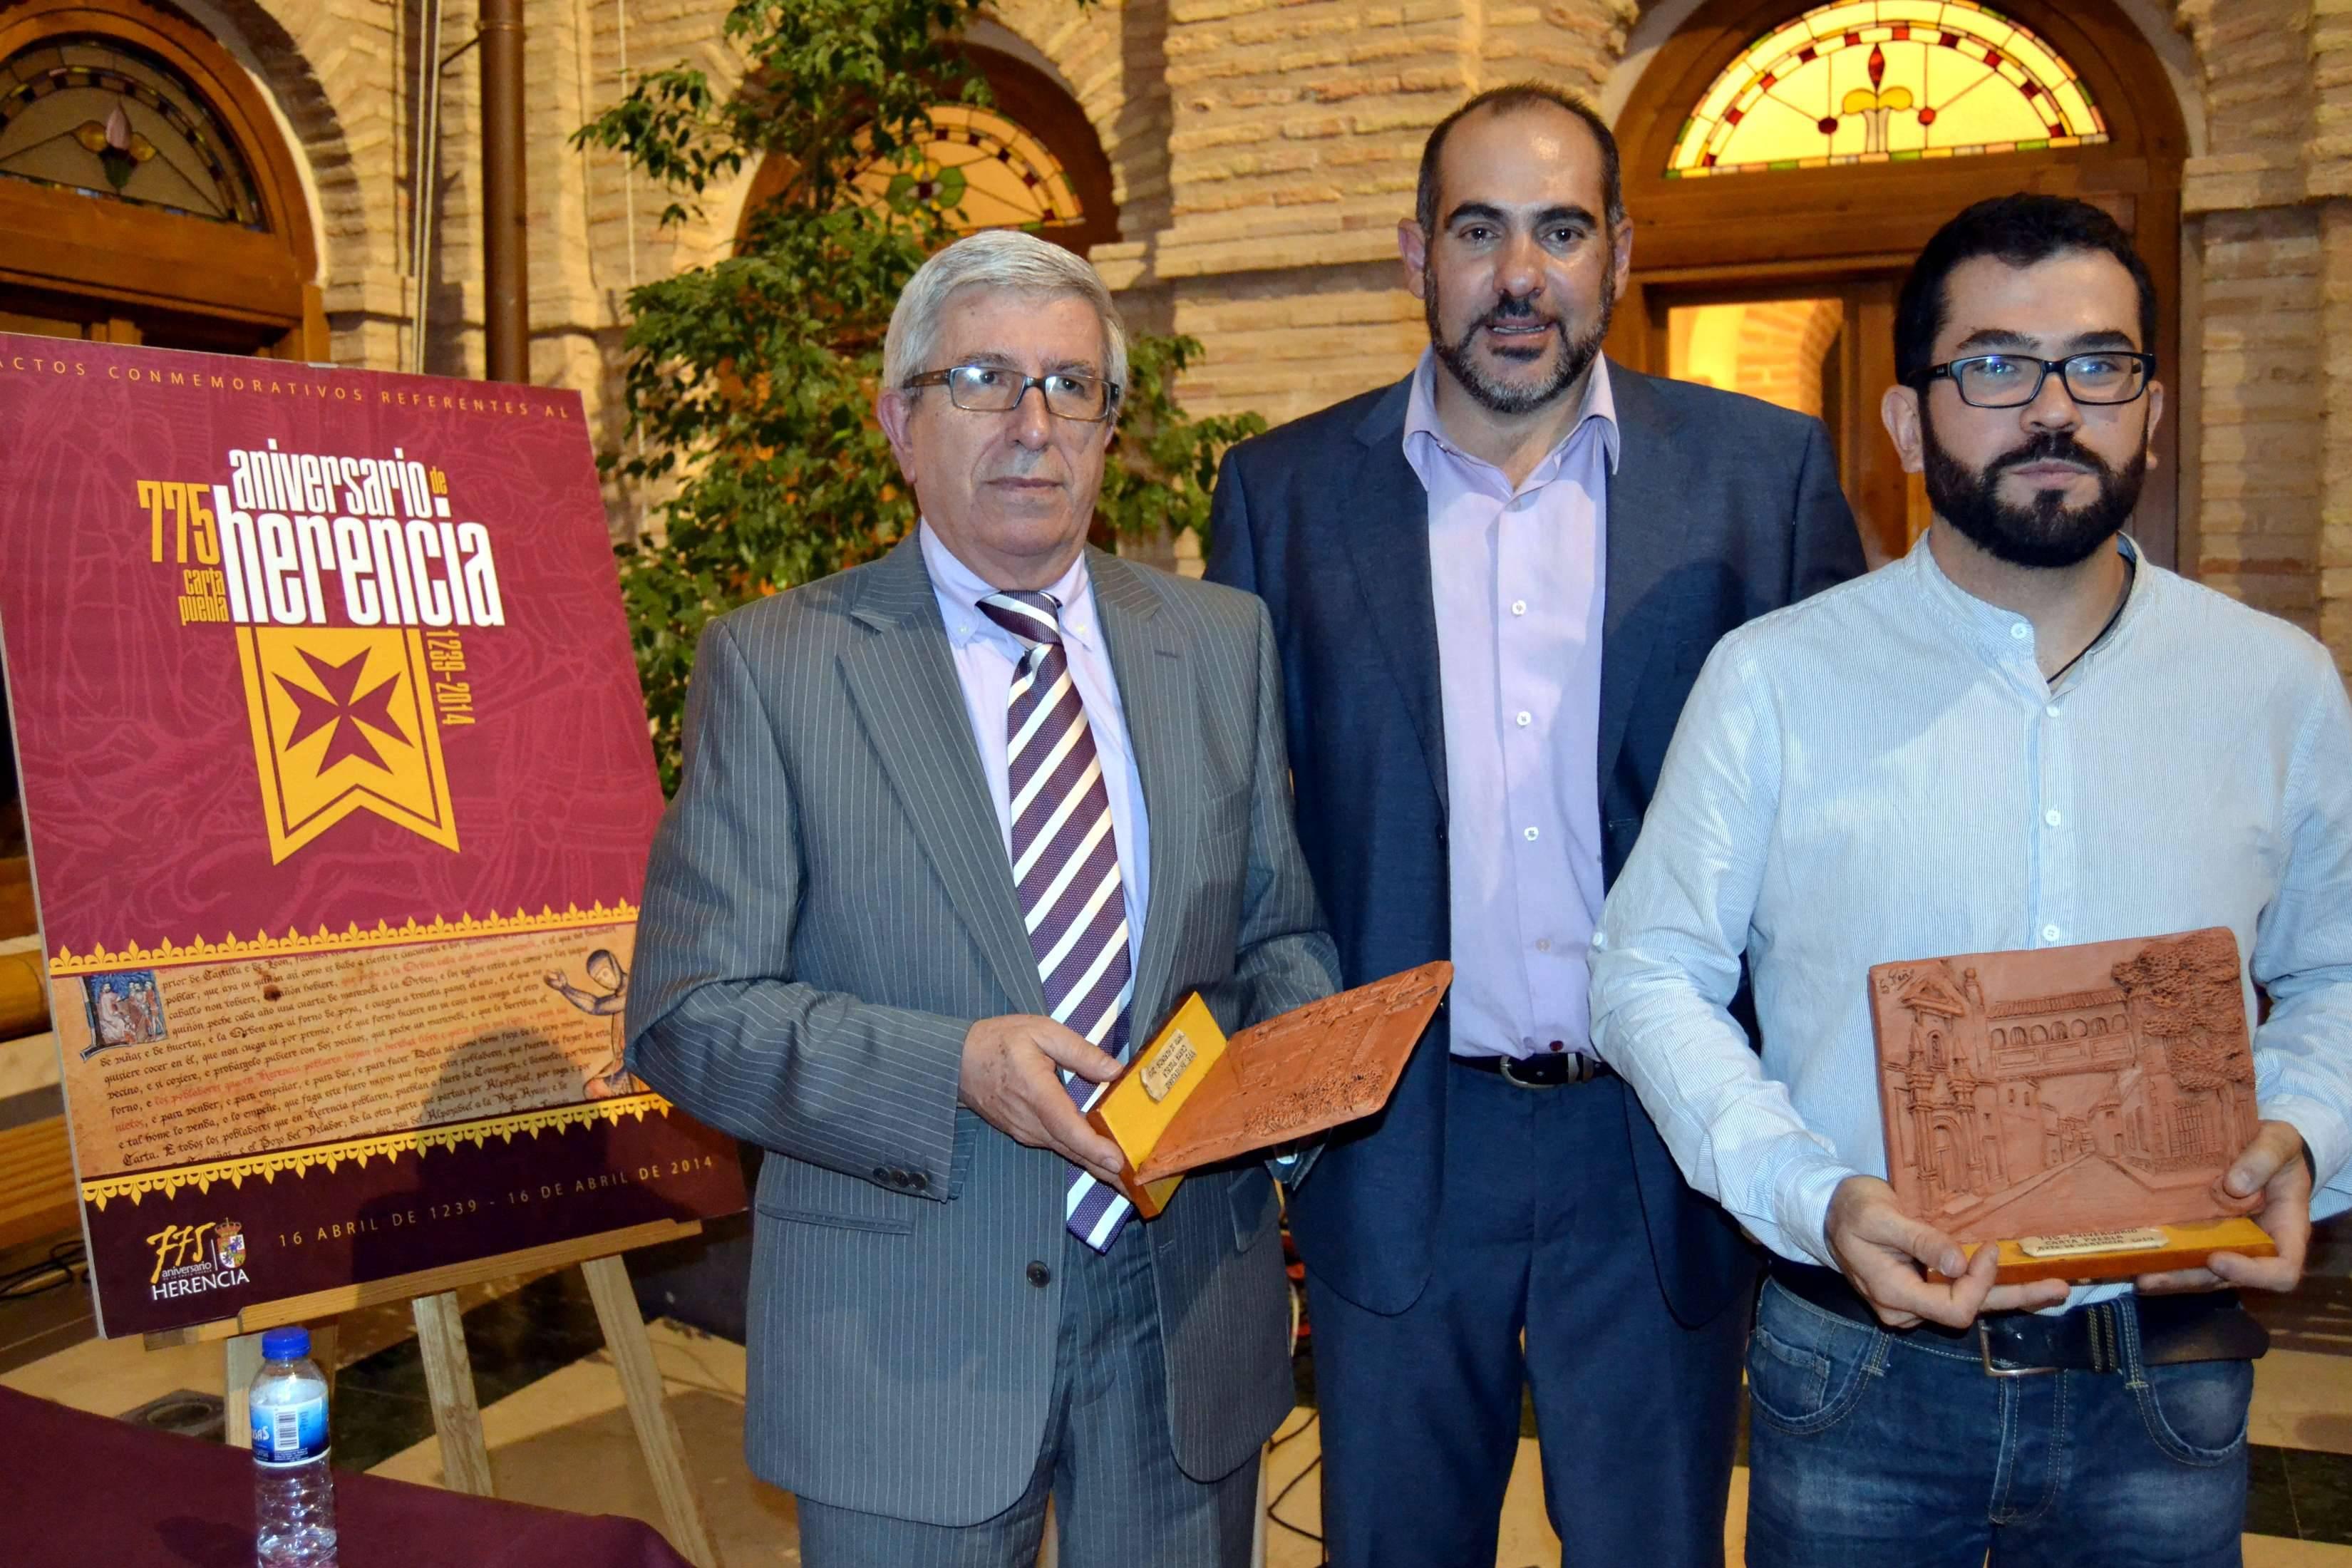 herencia 775 inauguracion alcalde y los 2 primeros ponentes - El jueves 12 continúan las jornadas de historia de Herencia